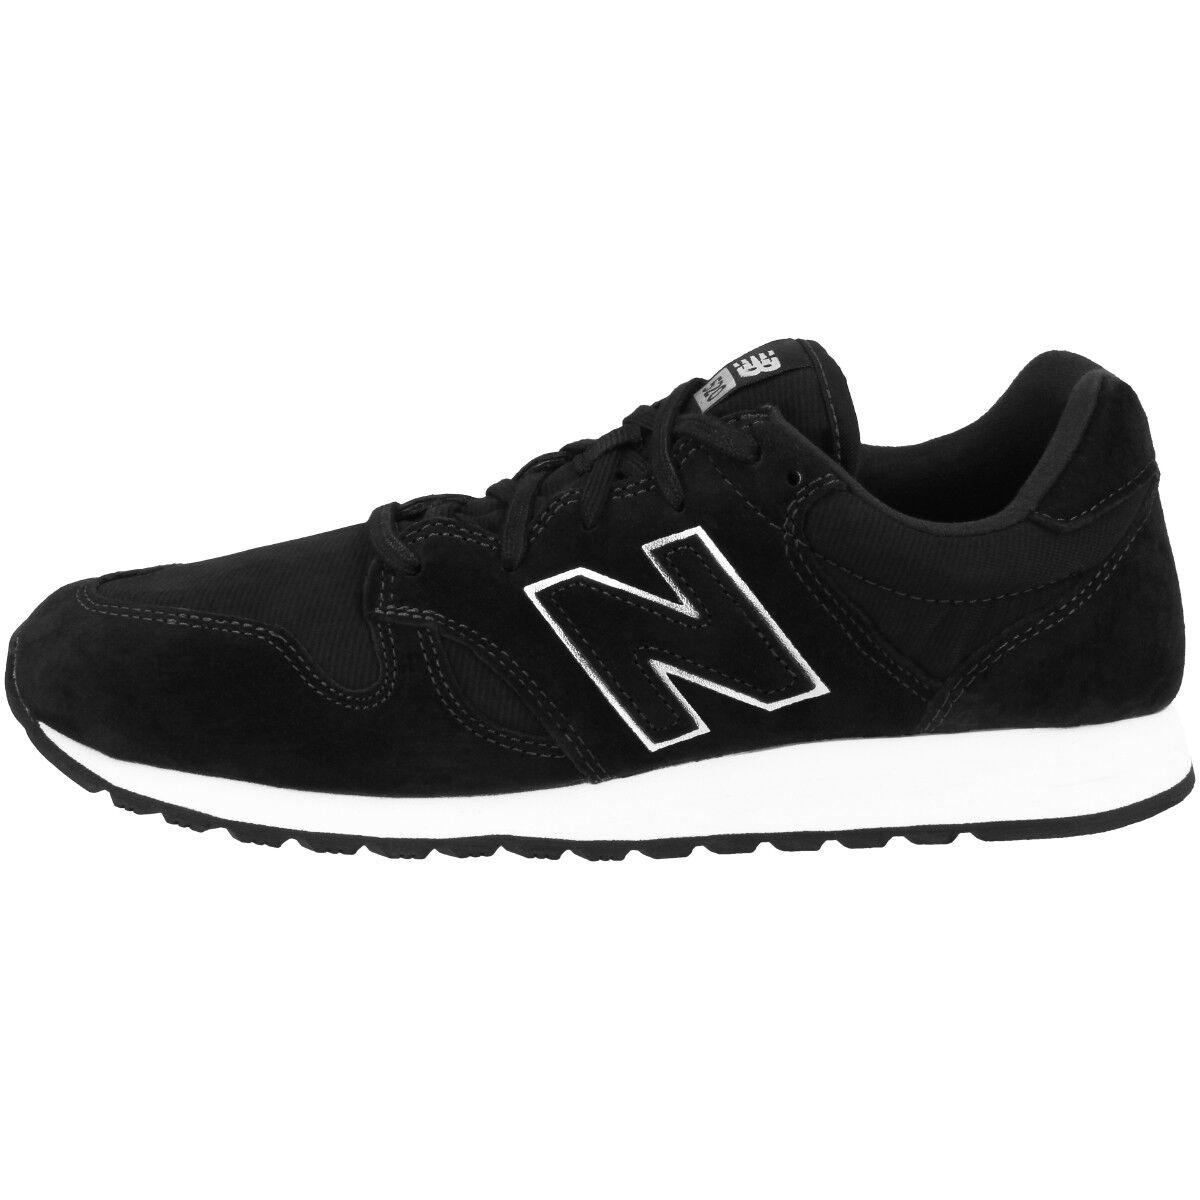 NEW NEW NEW BALANCE WL 520 RK 70s Running Scarpe Da Donna Scarpe Da Corsa scarpe da ginnastica nero wl520rk | Nuovo Stile  | Scolaro/Ragazze Scarpa  a9d5ac